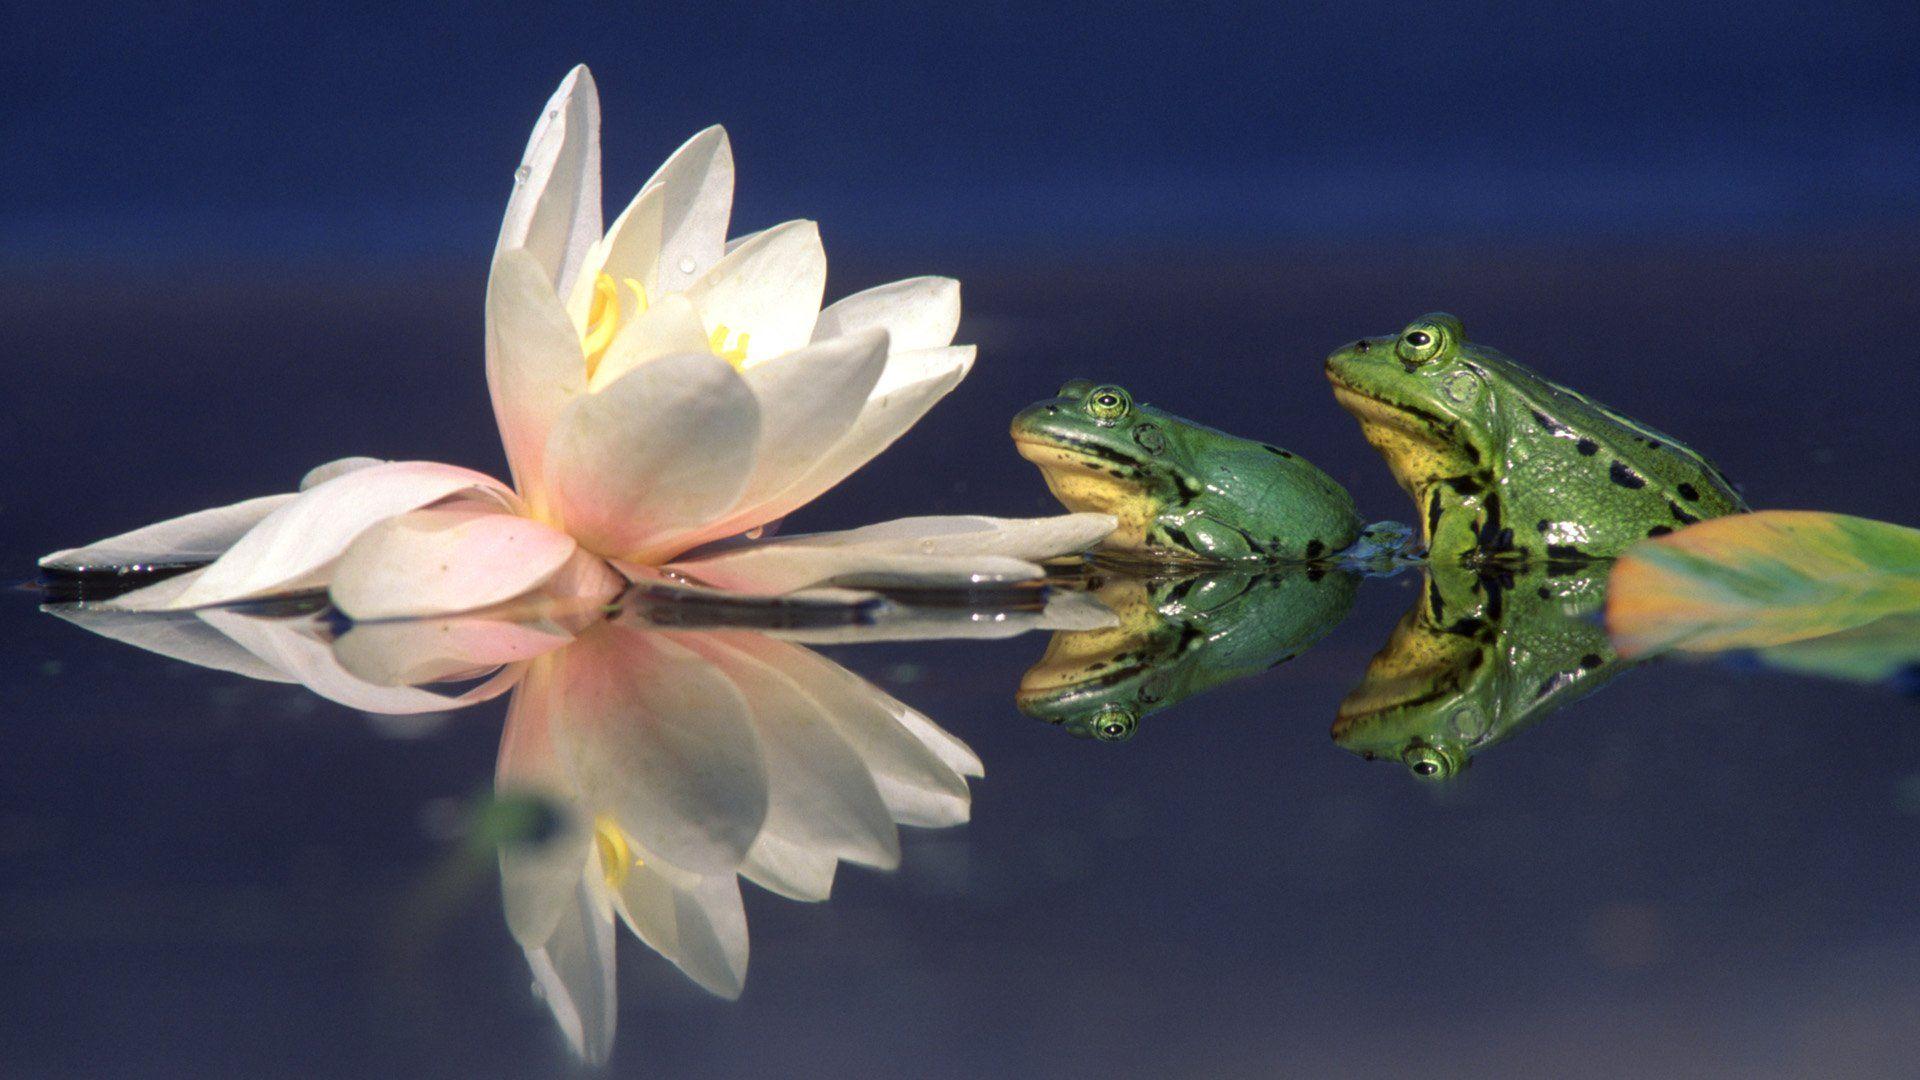 летите жаба на лотосе фото какой породе